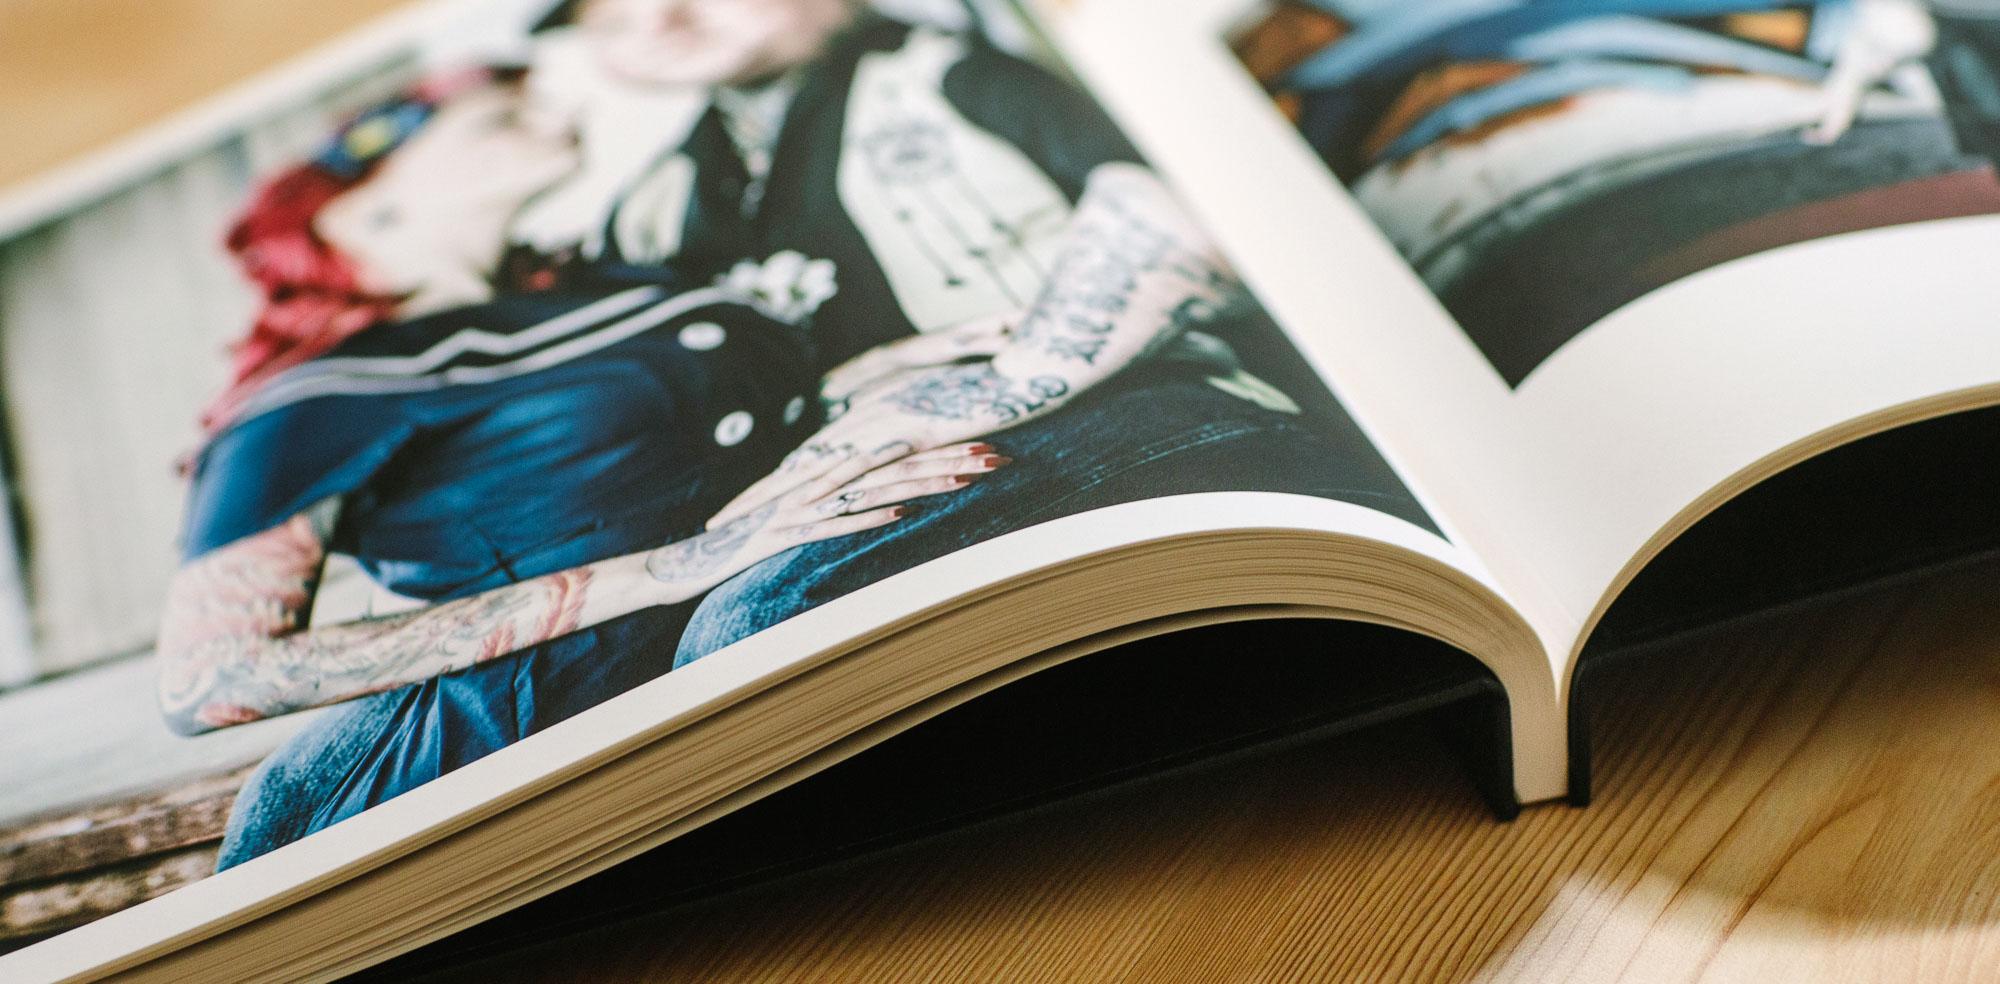 Bild des TECCO BOOK CARBONATE vom Fotografen Fritz Philipp aus Frankurt zum Blogbeitrag Portfolio: Tipps für Fotografen